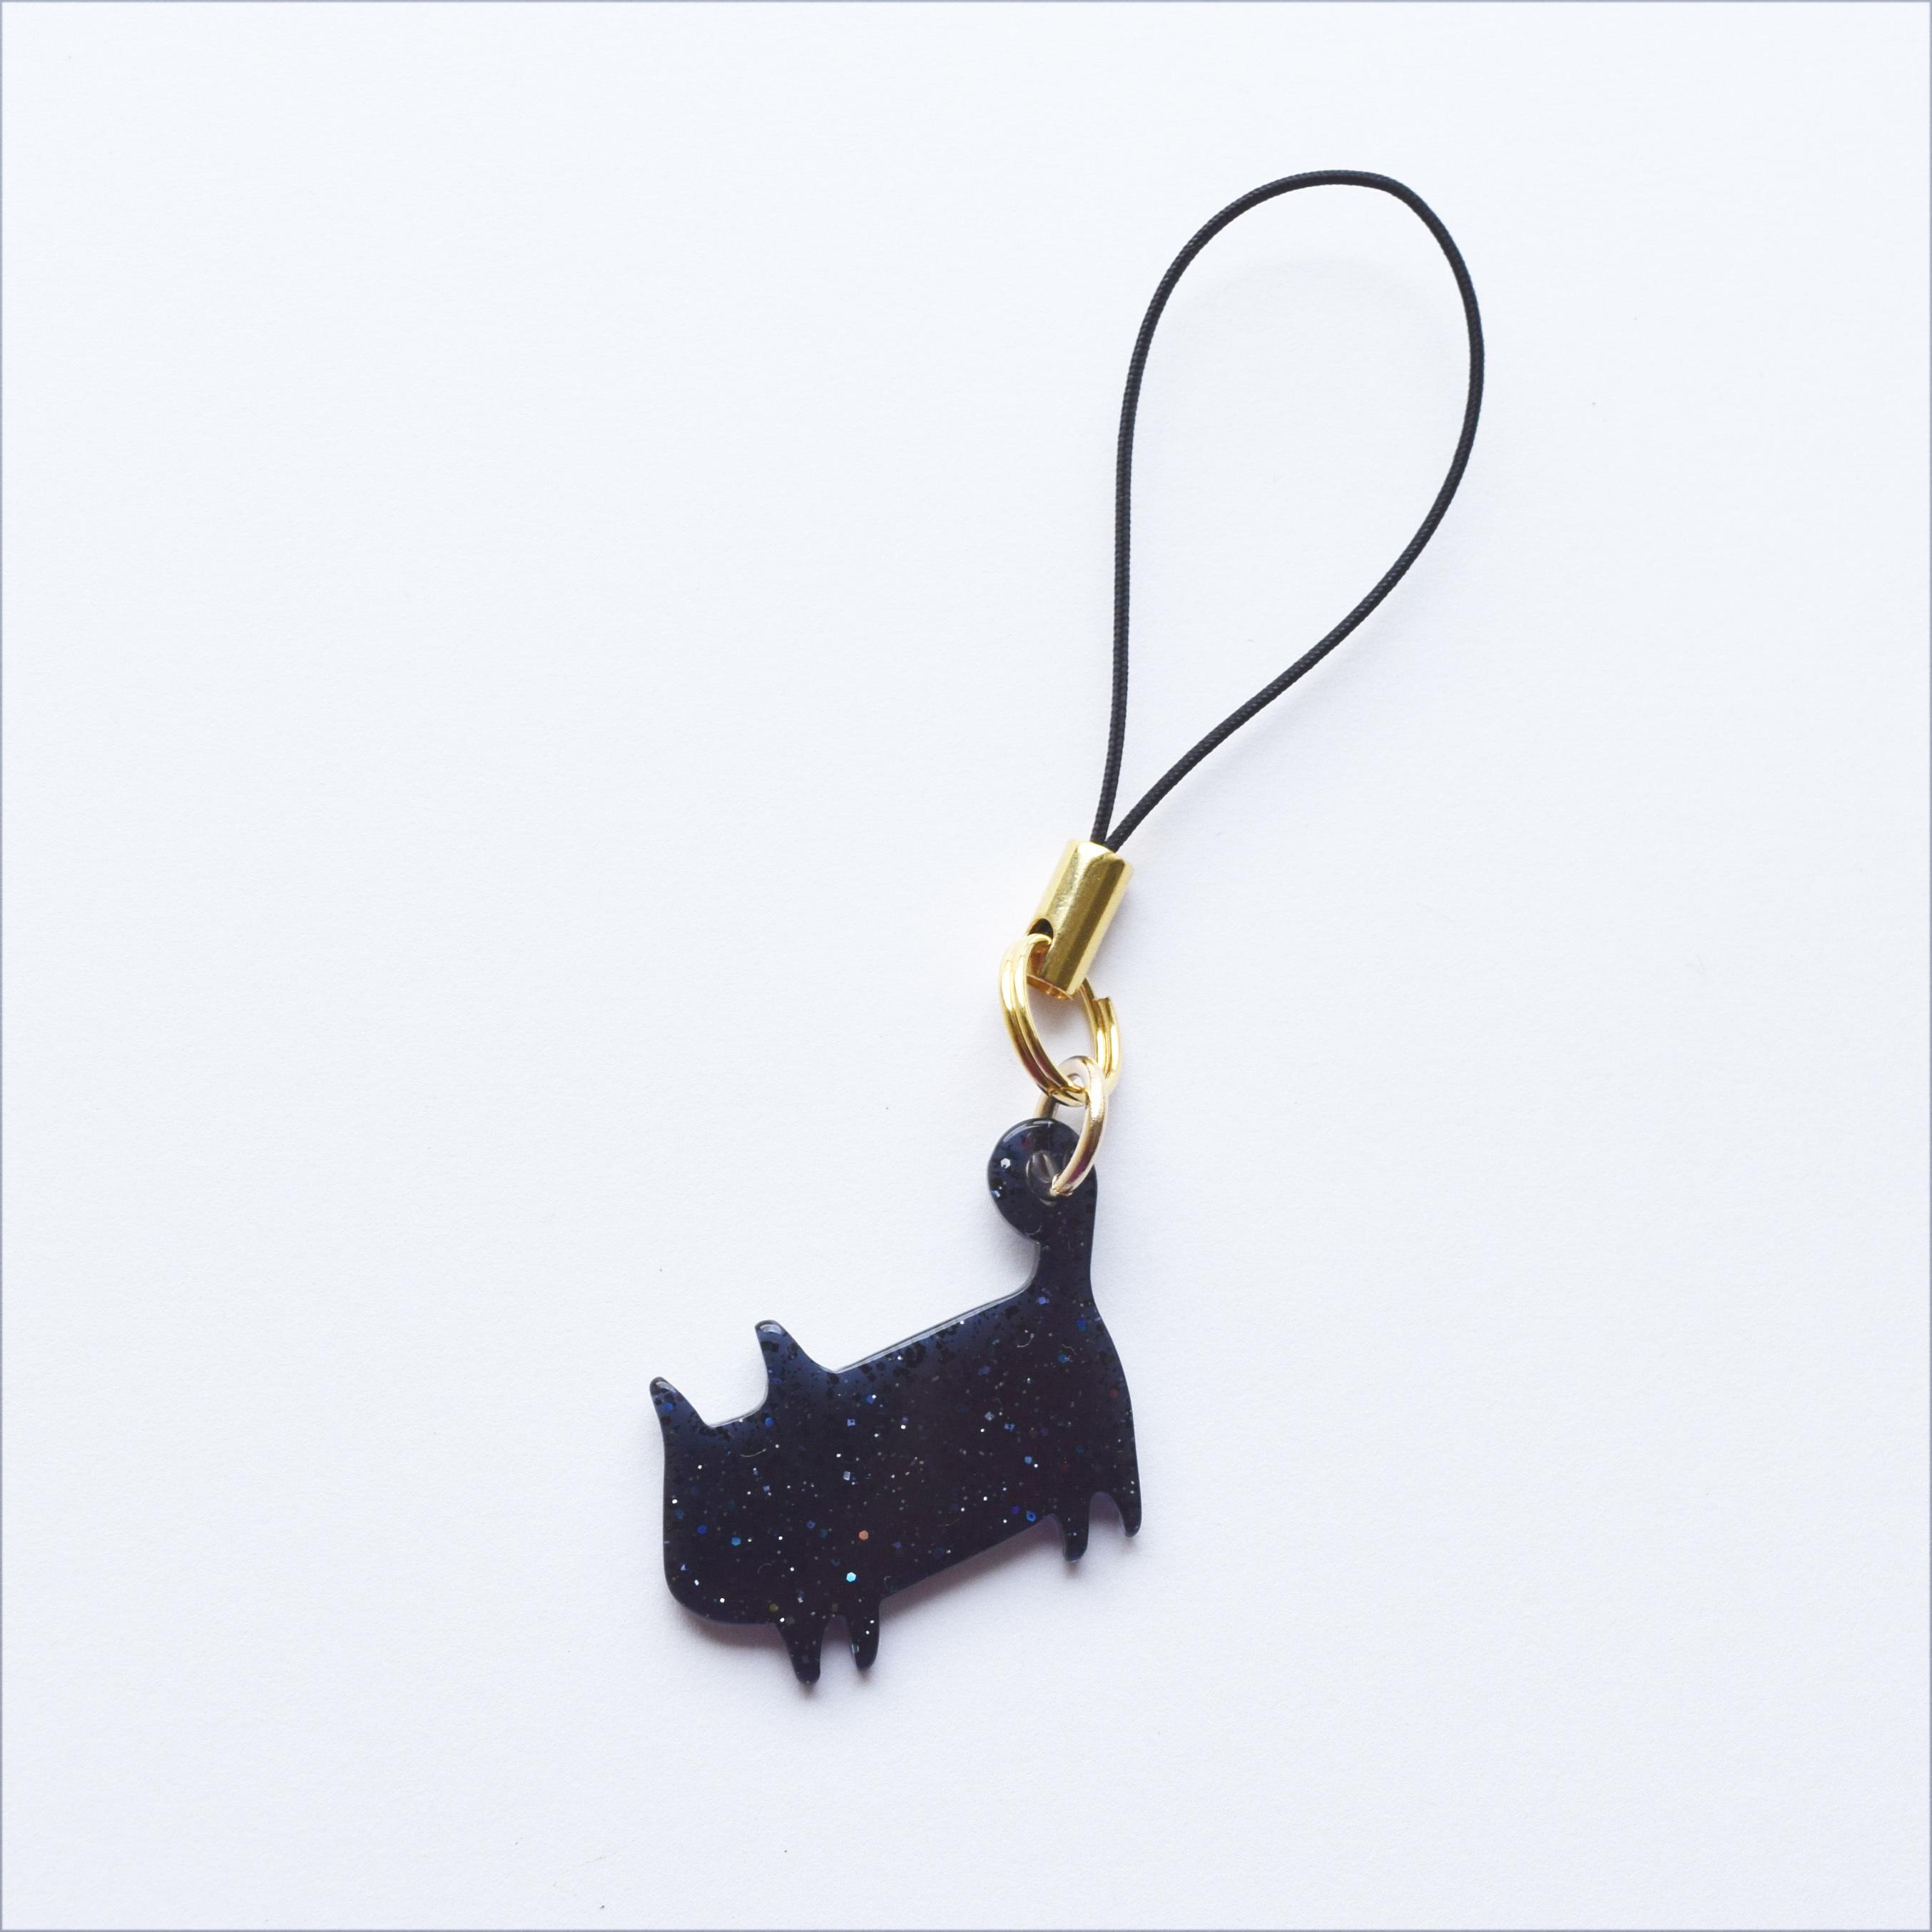 ラメ黒猫、シンプルにゃんこストラップ